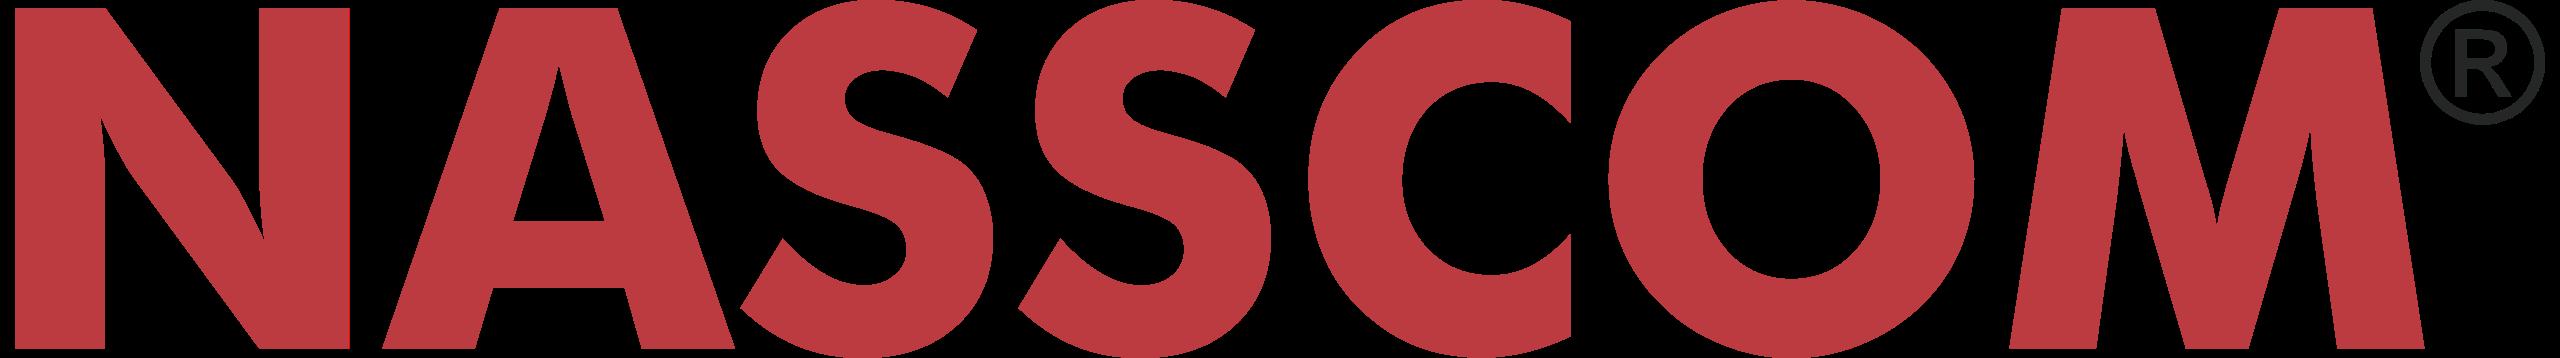 Nassccom logo